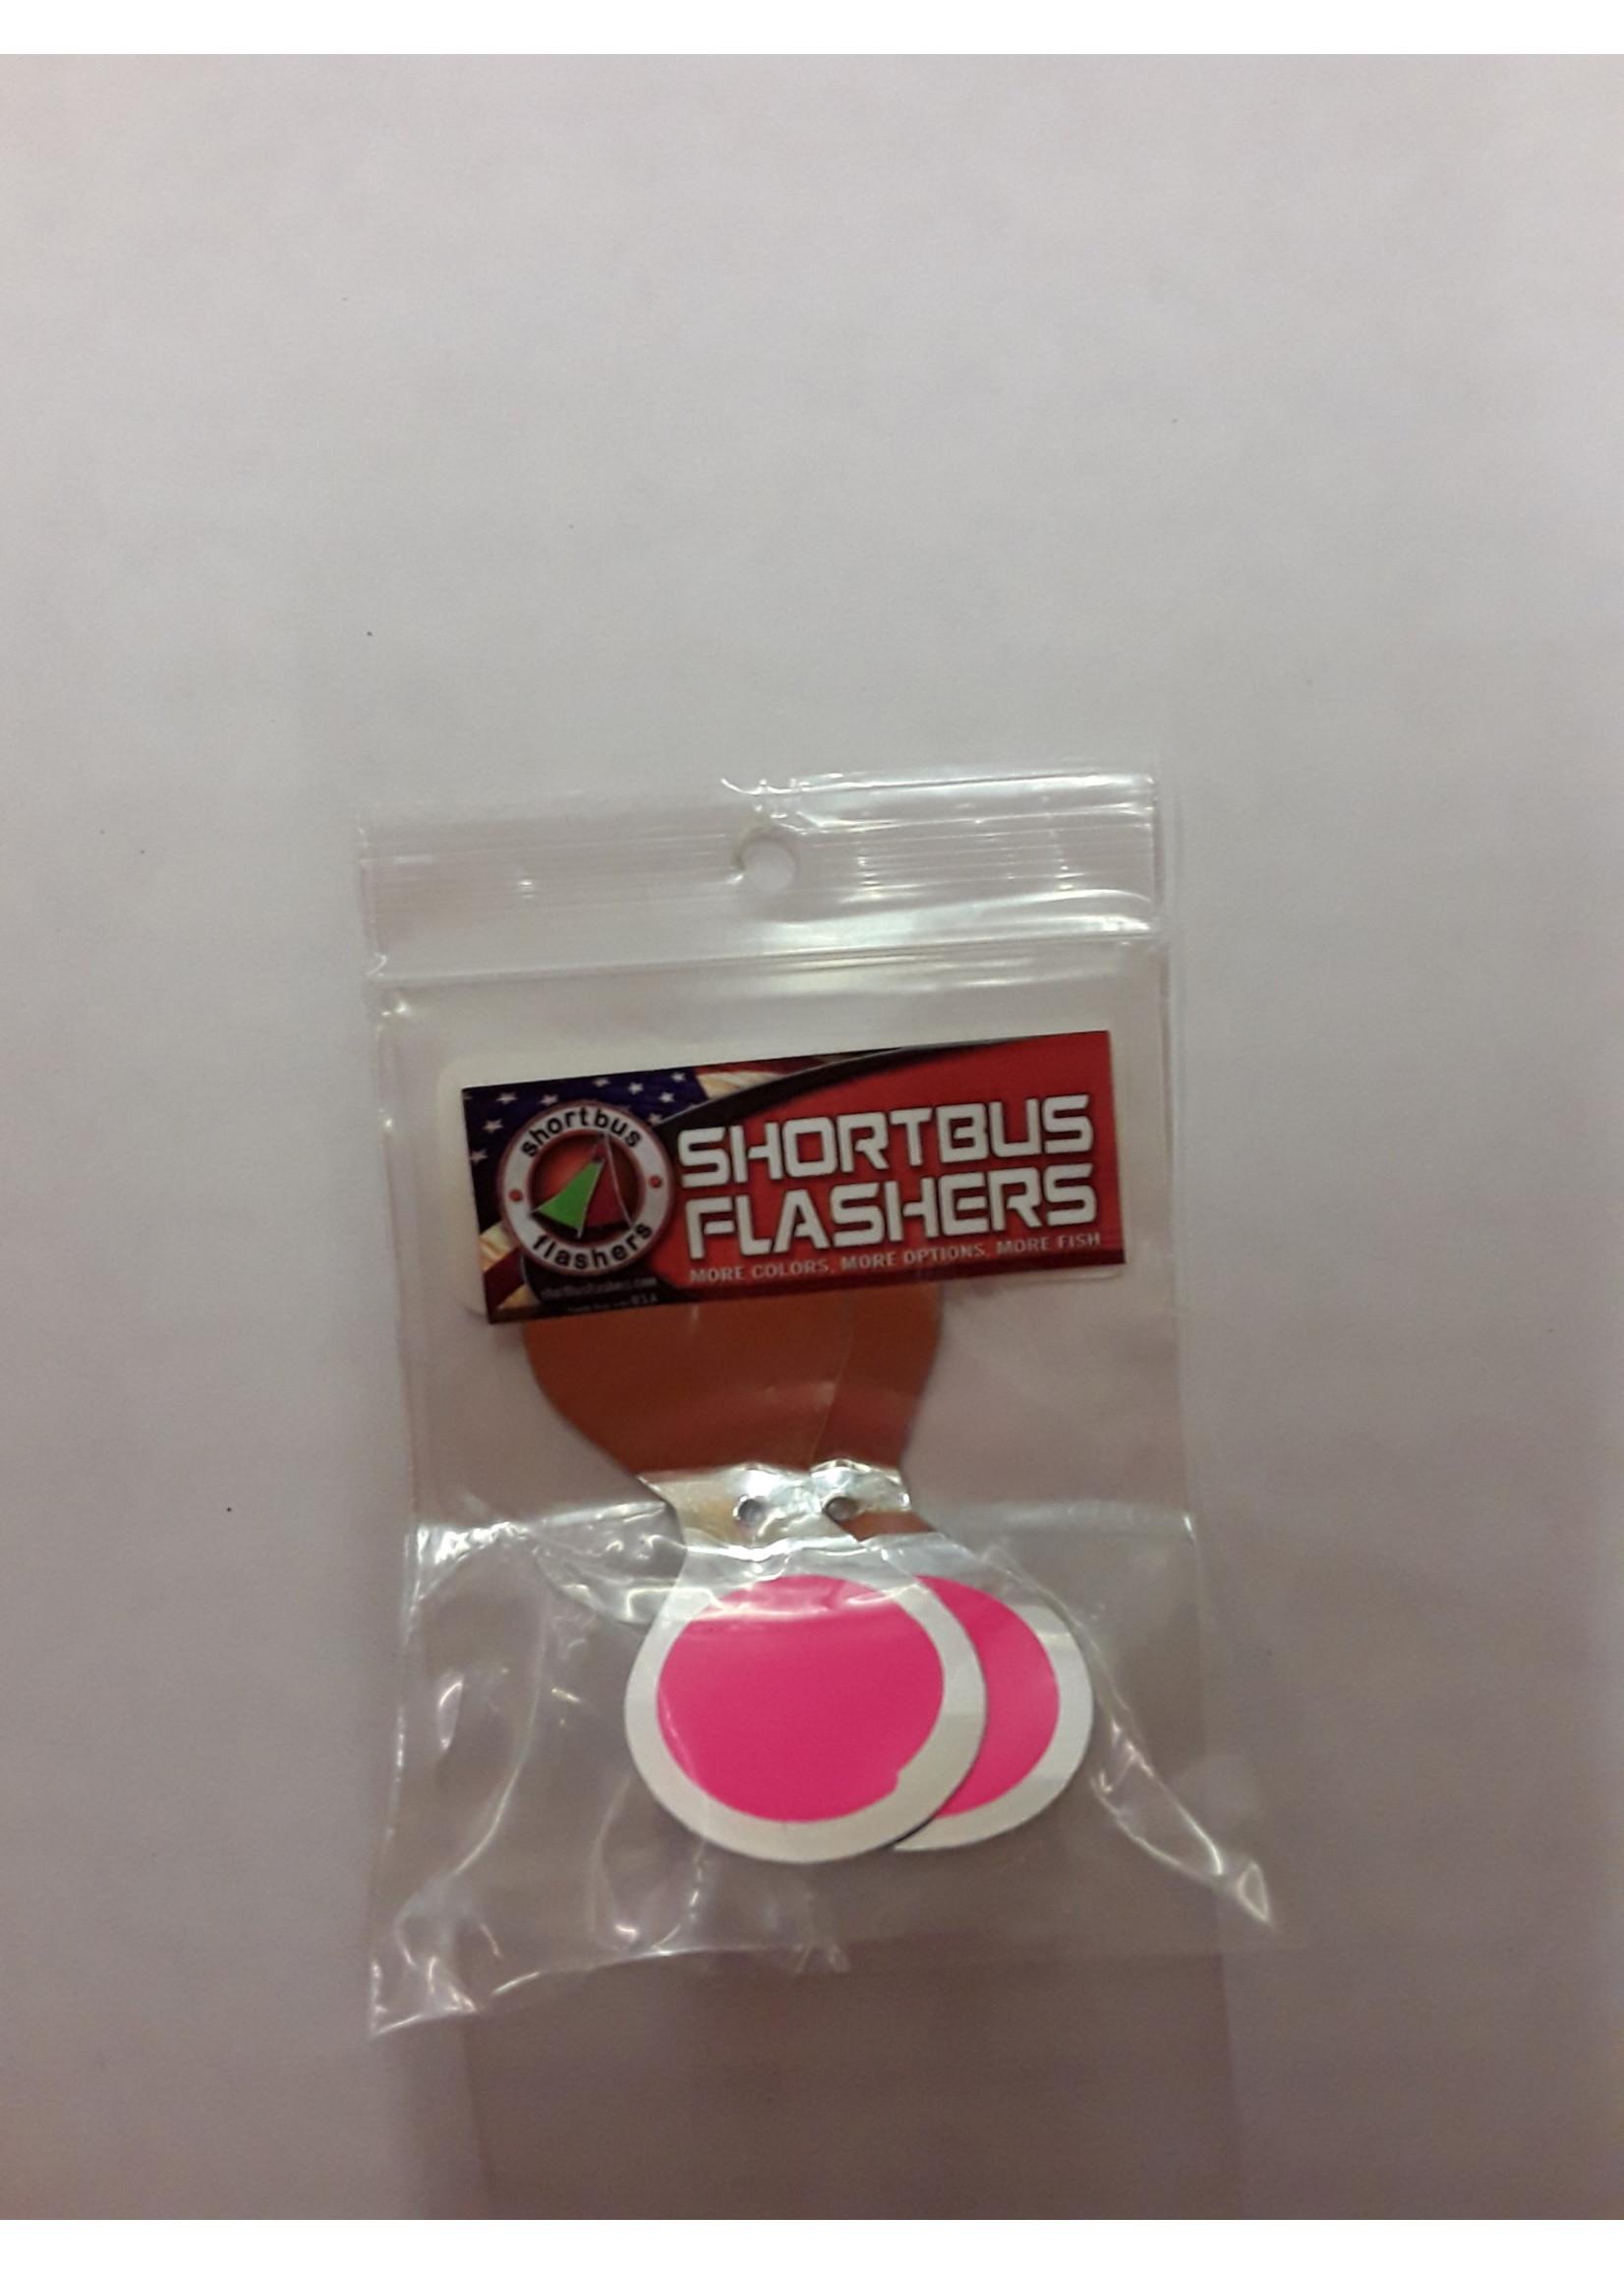 Shortbus Flashers Shortbus Flasher BWL